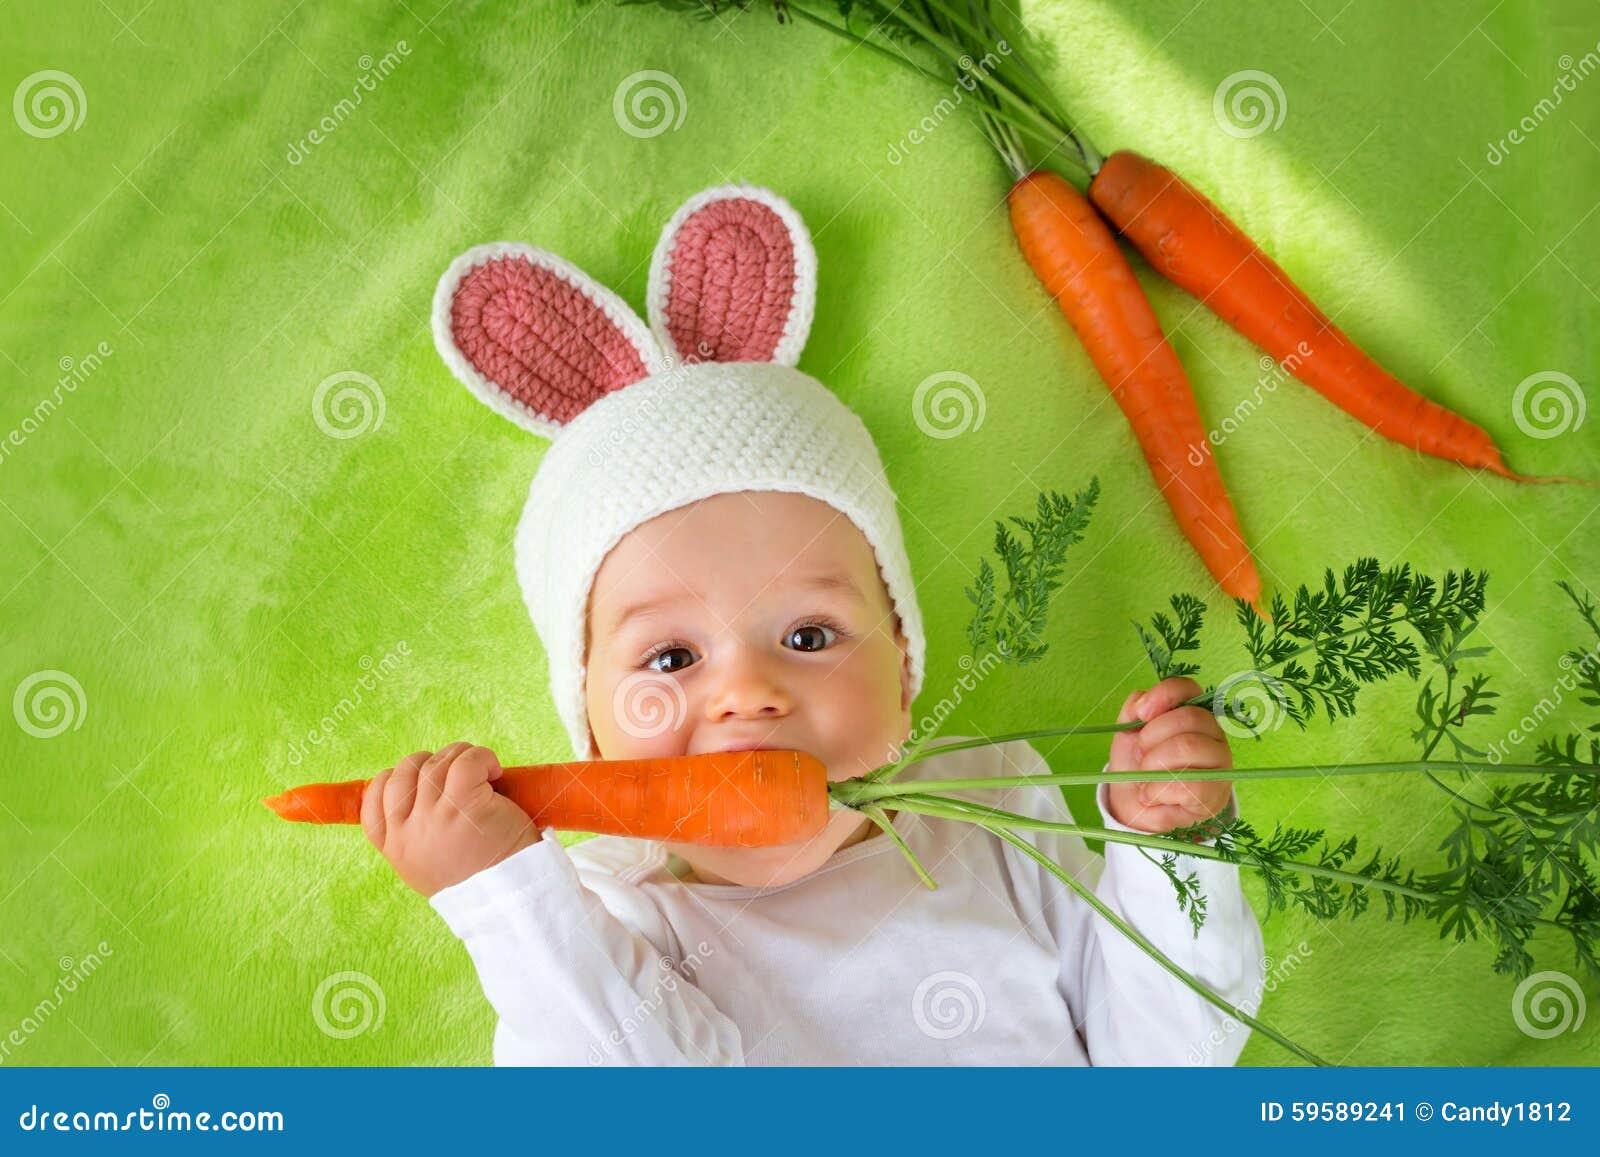 Carotte Bleue se rapportant à bébé dans le chapeau de lapin mangeant la carotte image stock